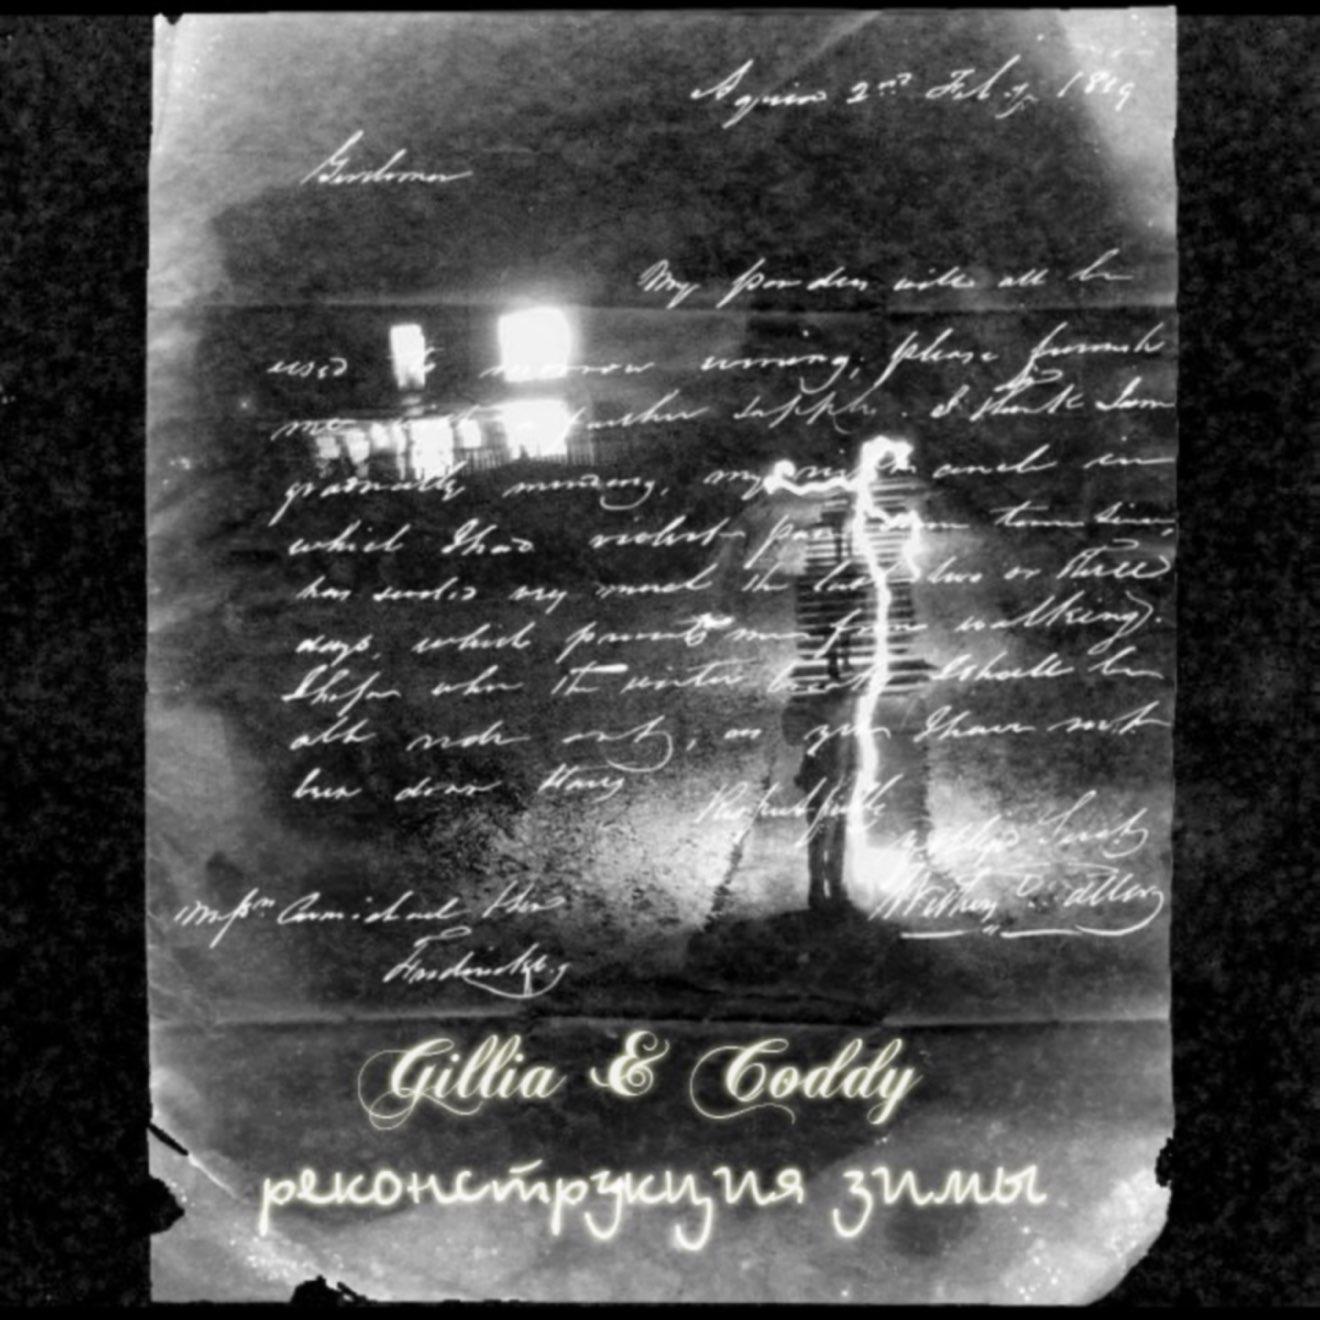 Gillia